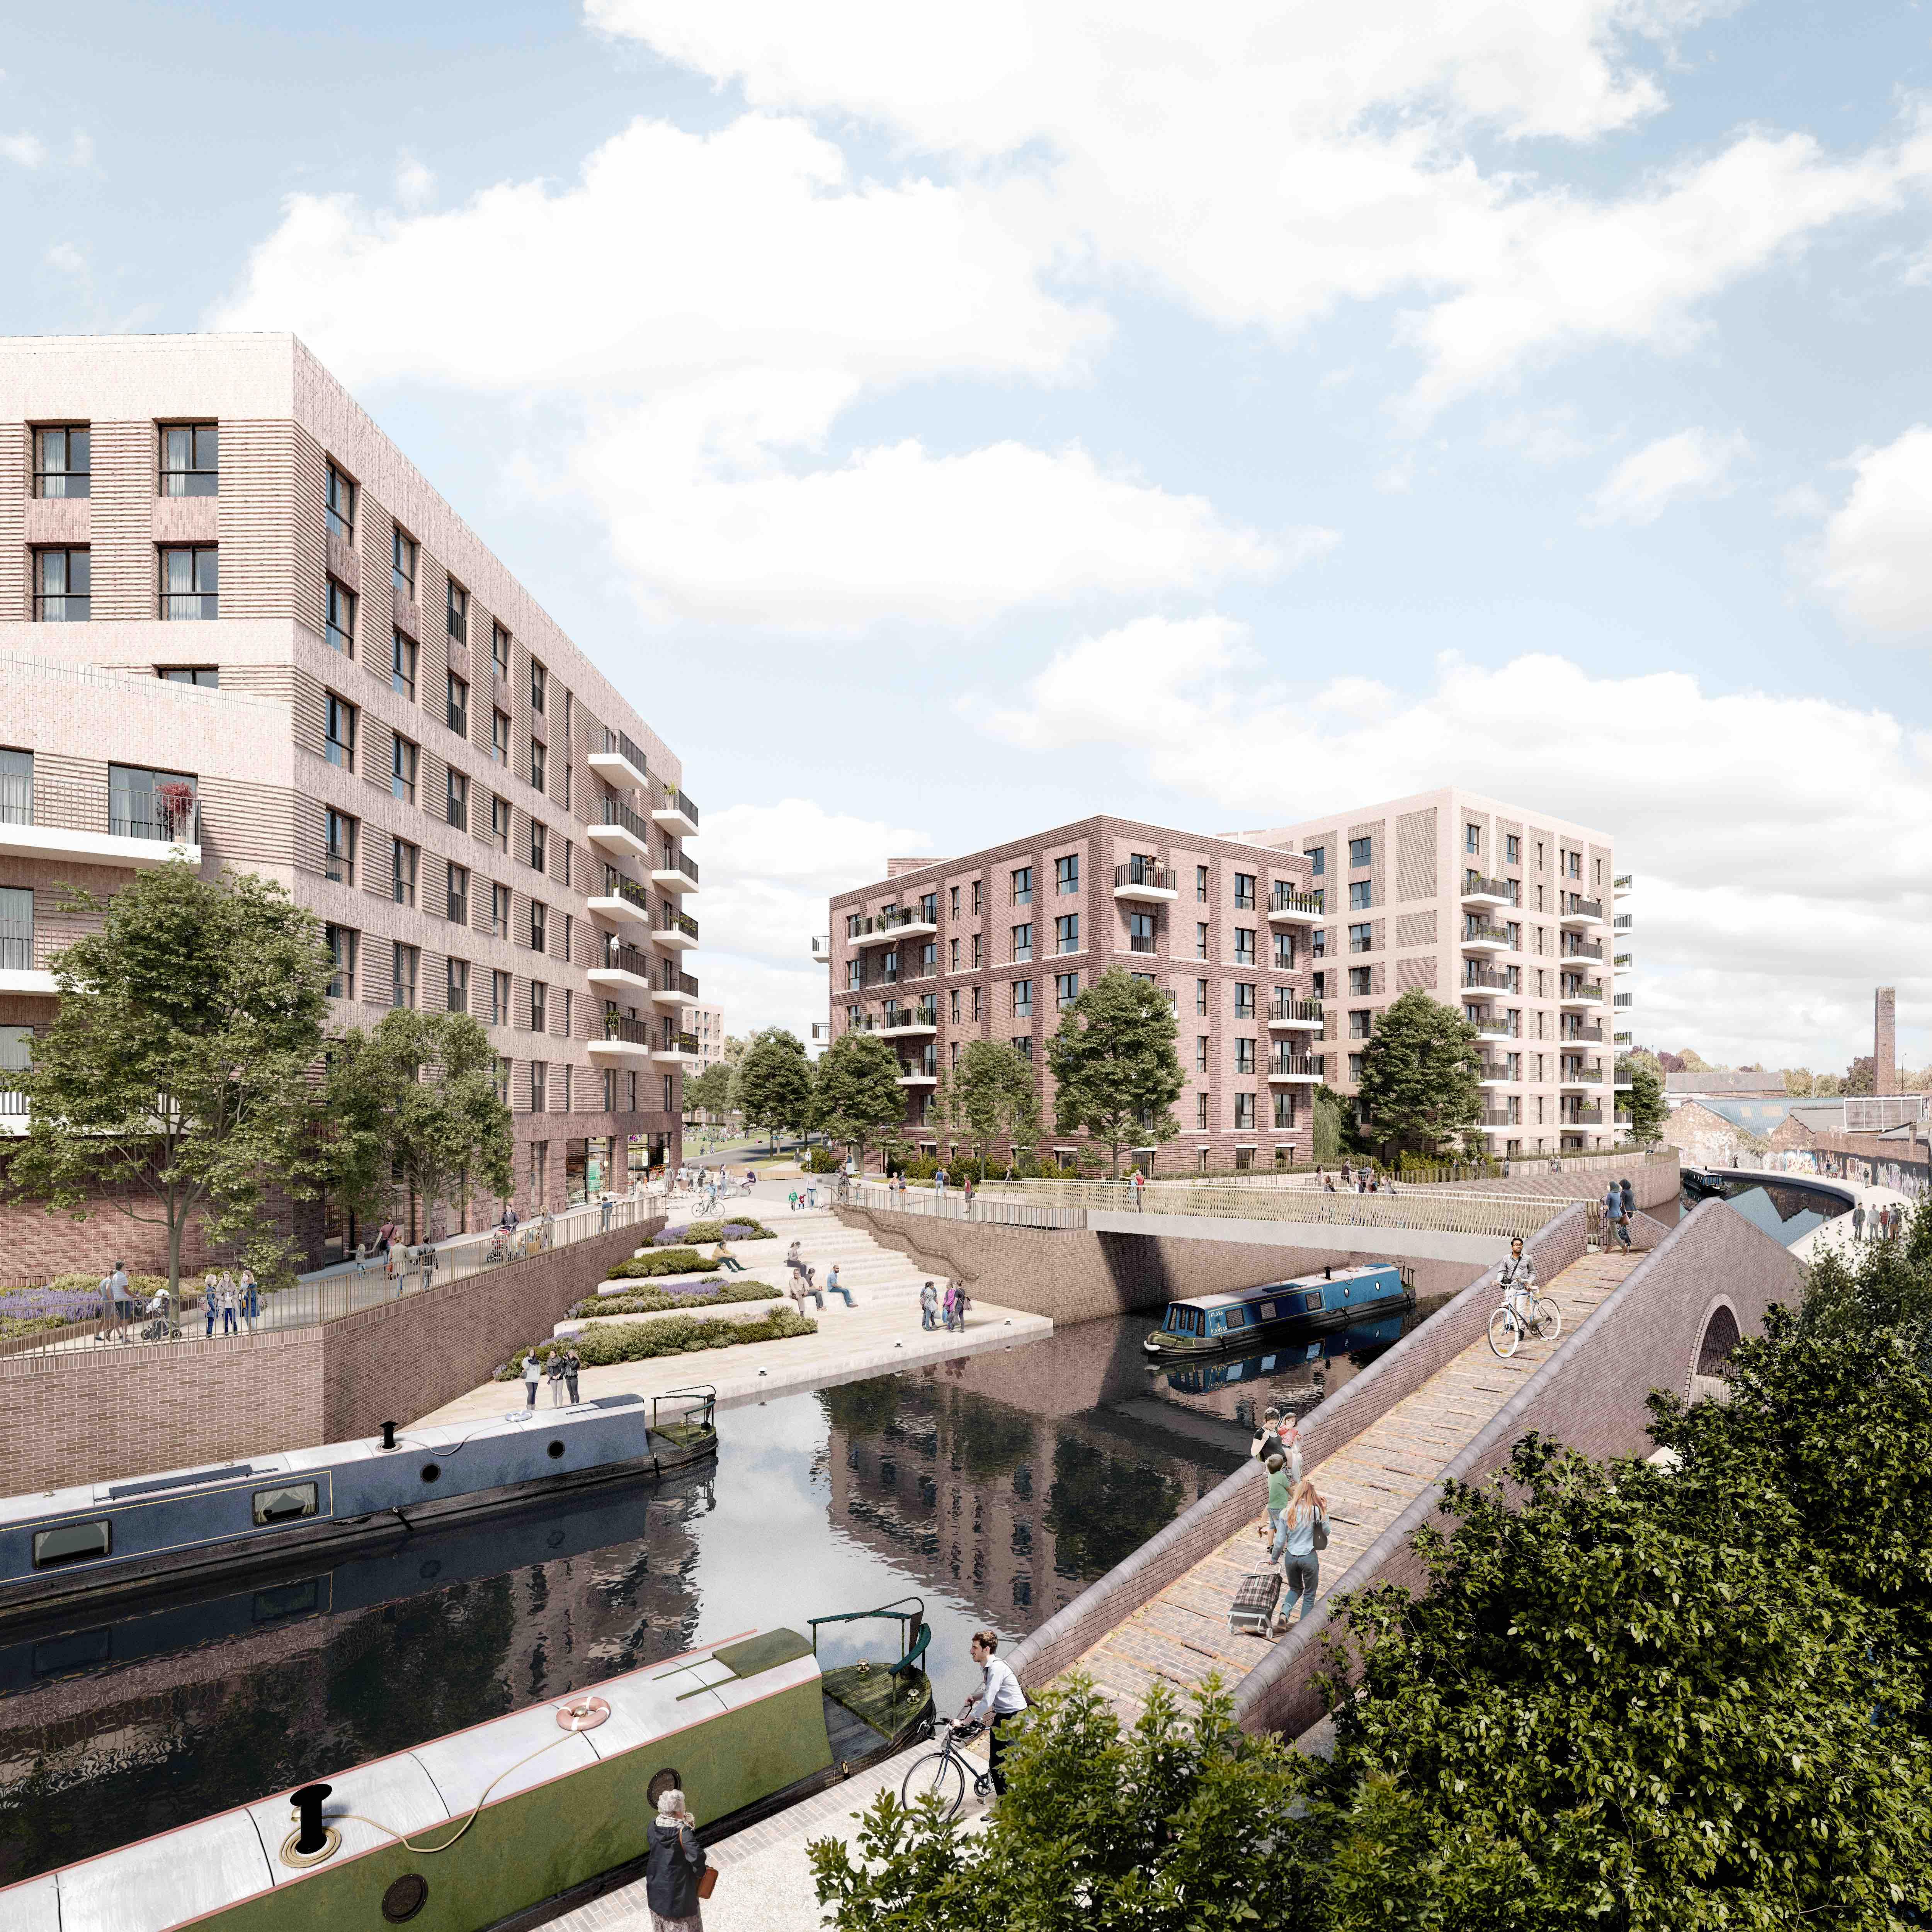 Southside Apartments Birmingham Al: Galliard Homes Plans Next Major Birmingham Scheme